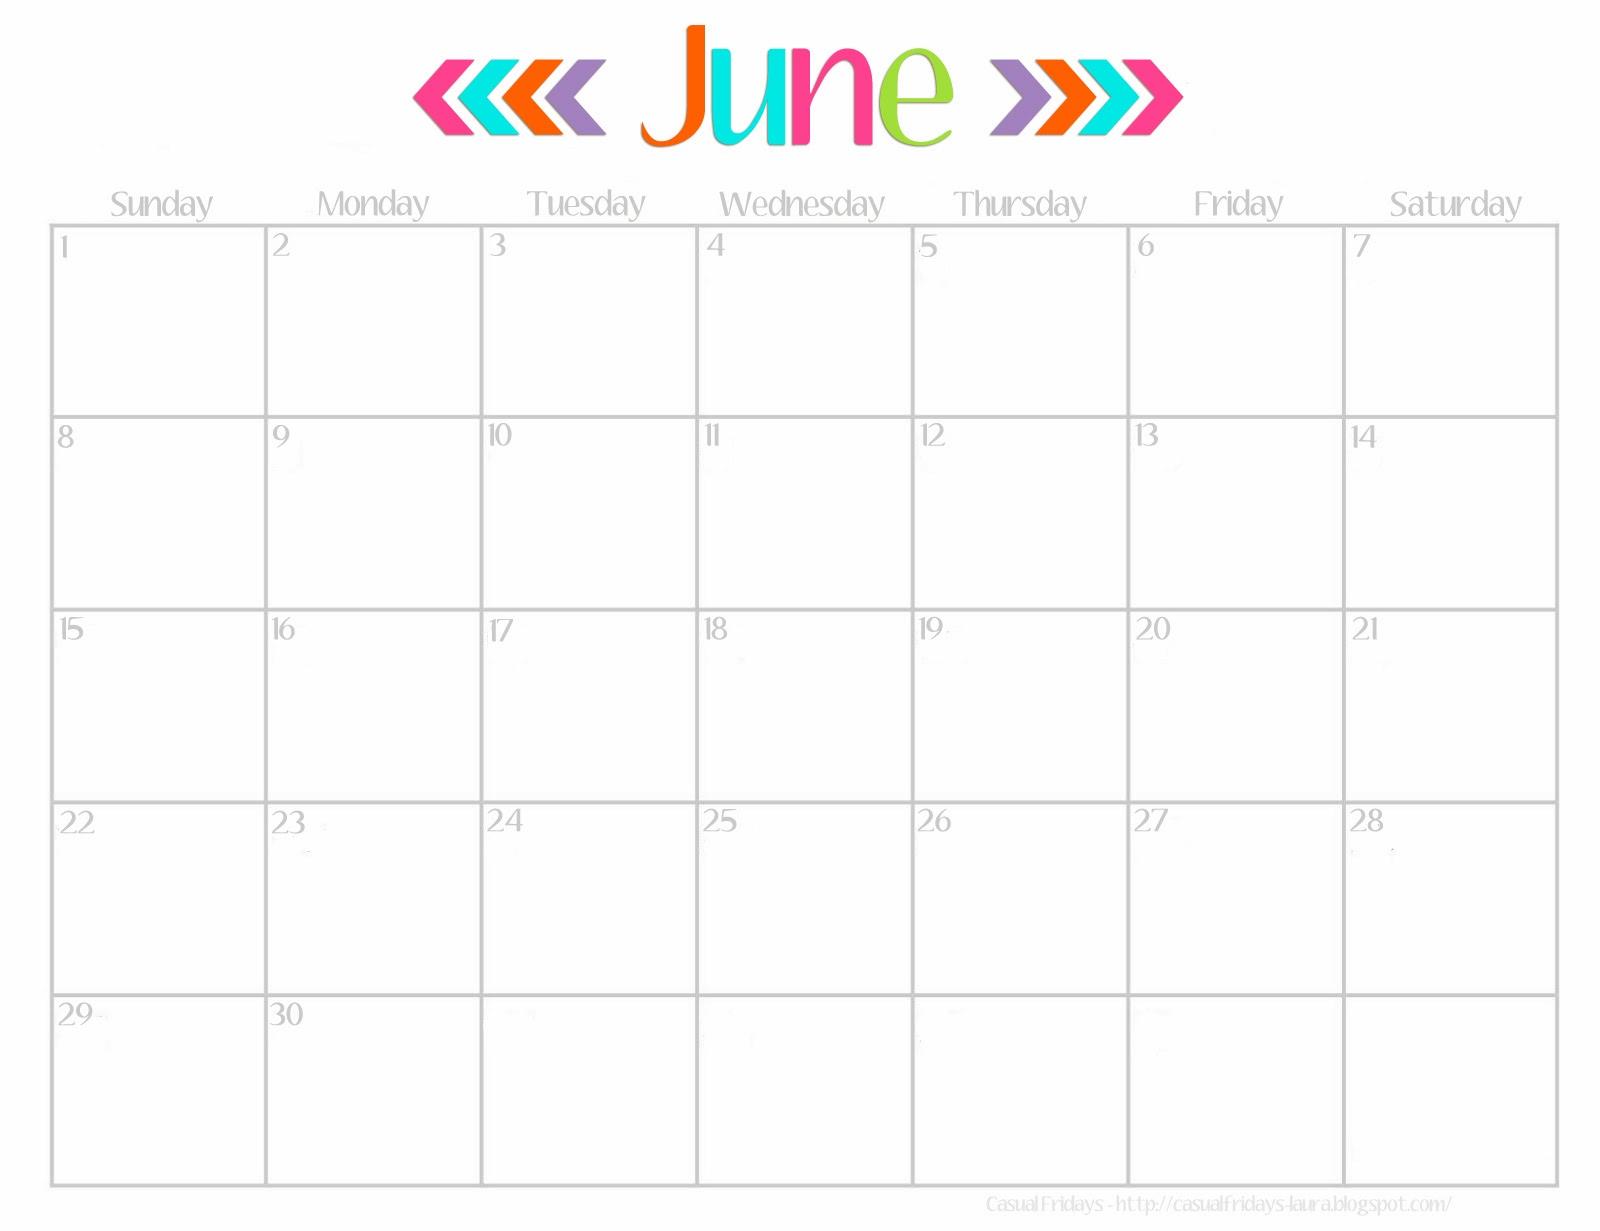 5 Best Images of Cute June 2014 Calendar Printable Free Cute